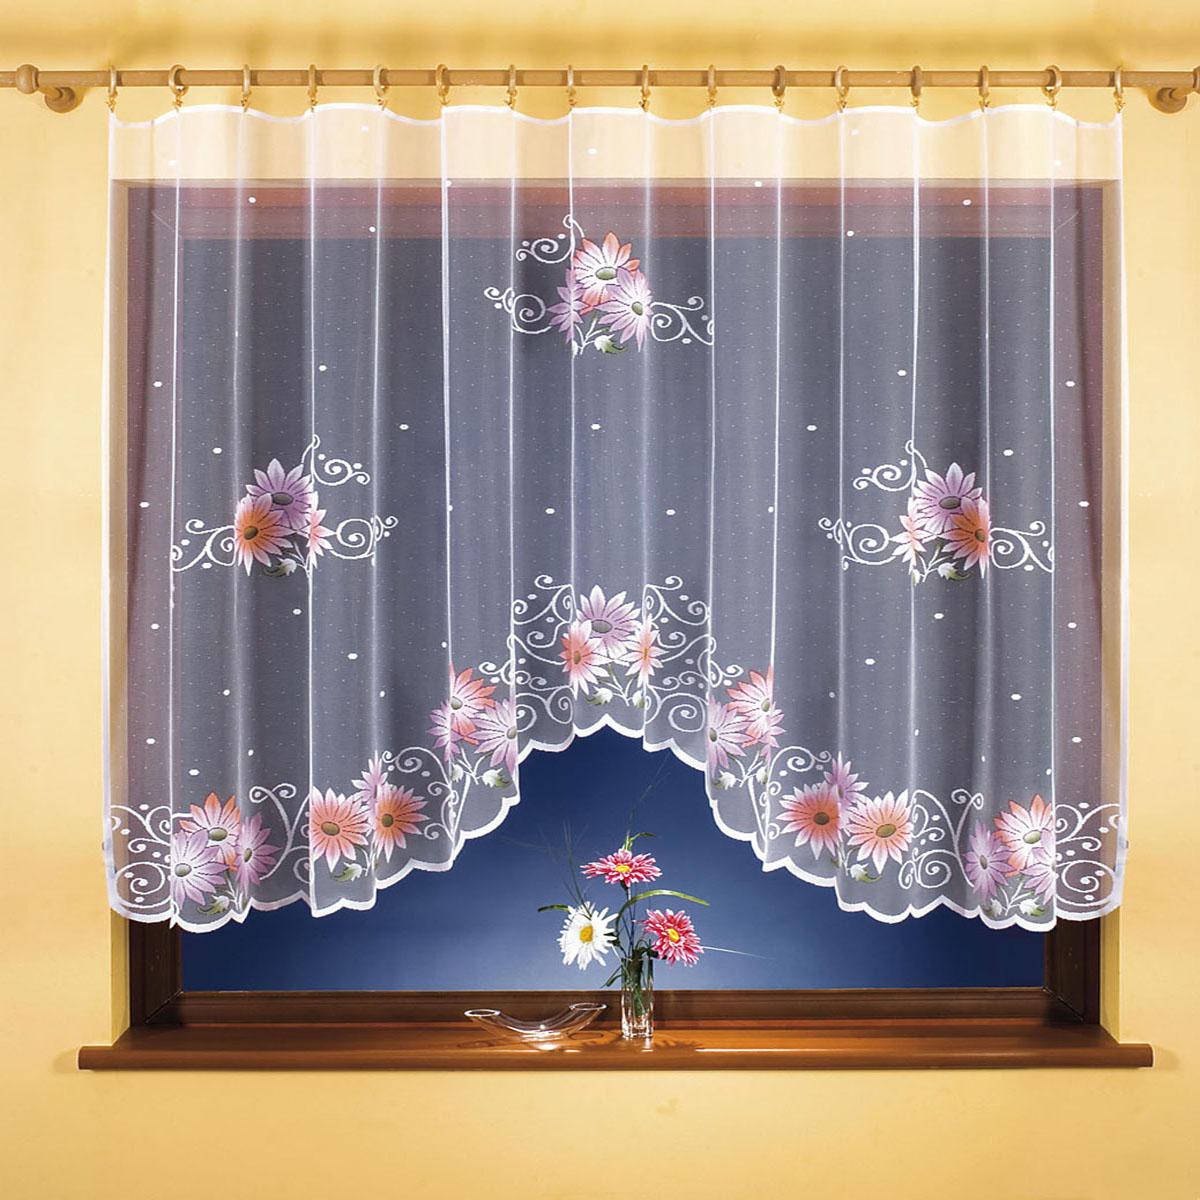 Гардина Wisan, цвет: белый, ширина 300 см, высота 150 см. 9810S03301004вид крепления - под зажимы для шторРазмеры: ширина 300*высота 150